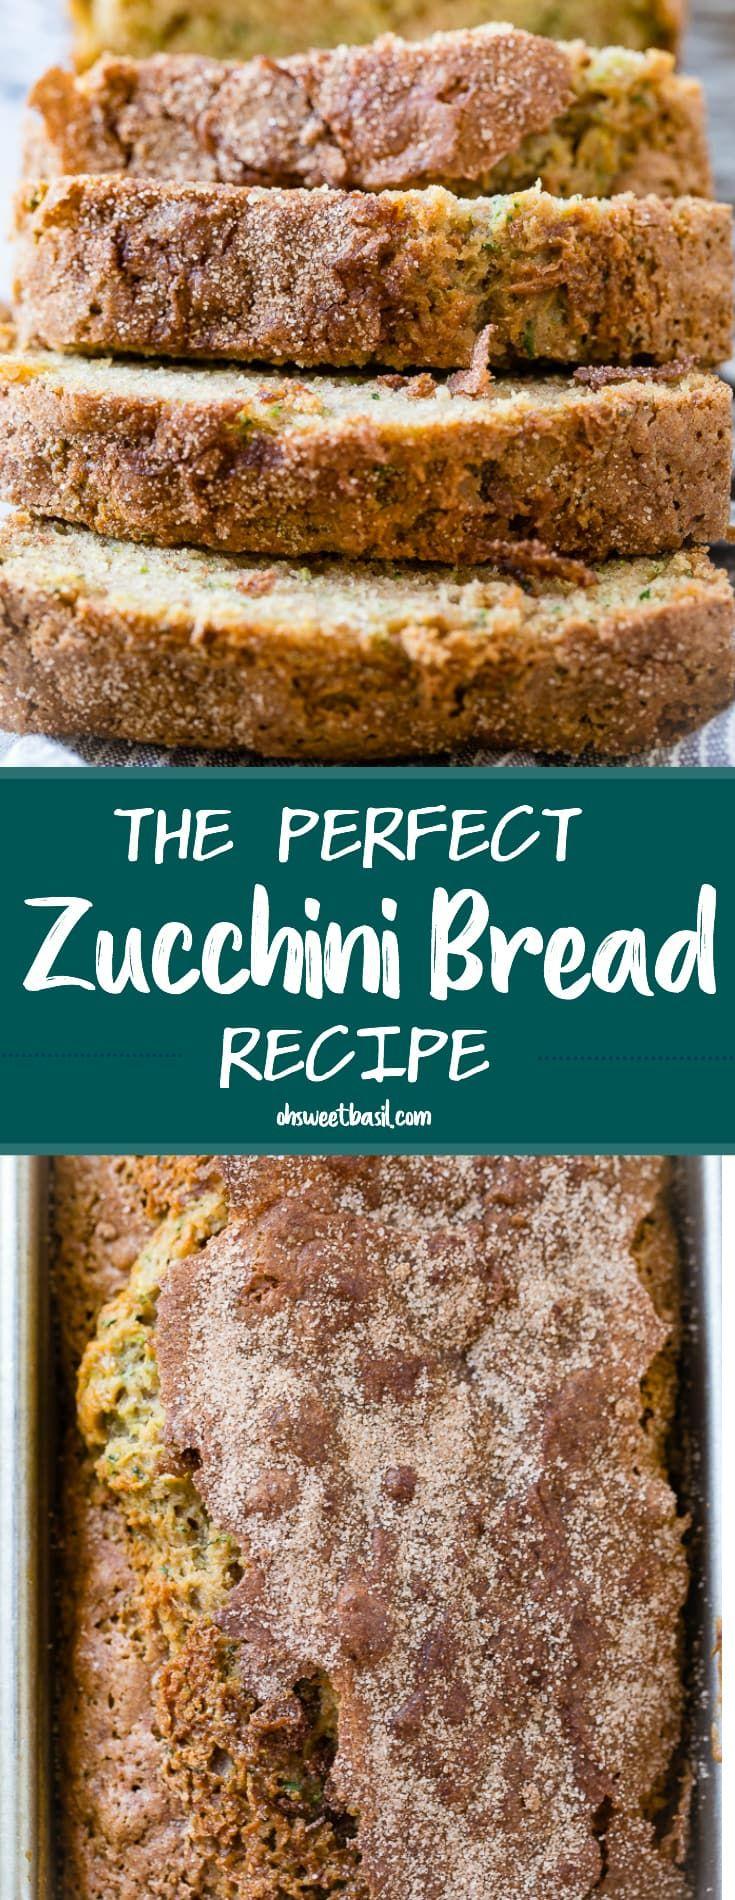 The Perfect Zucchini Bread